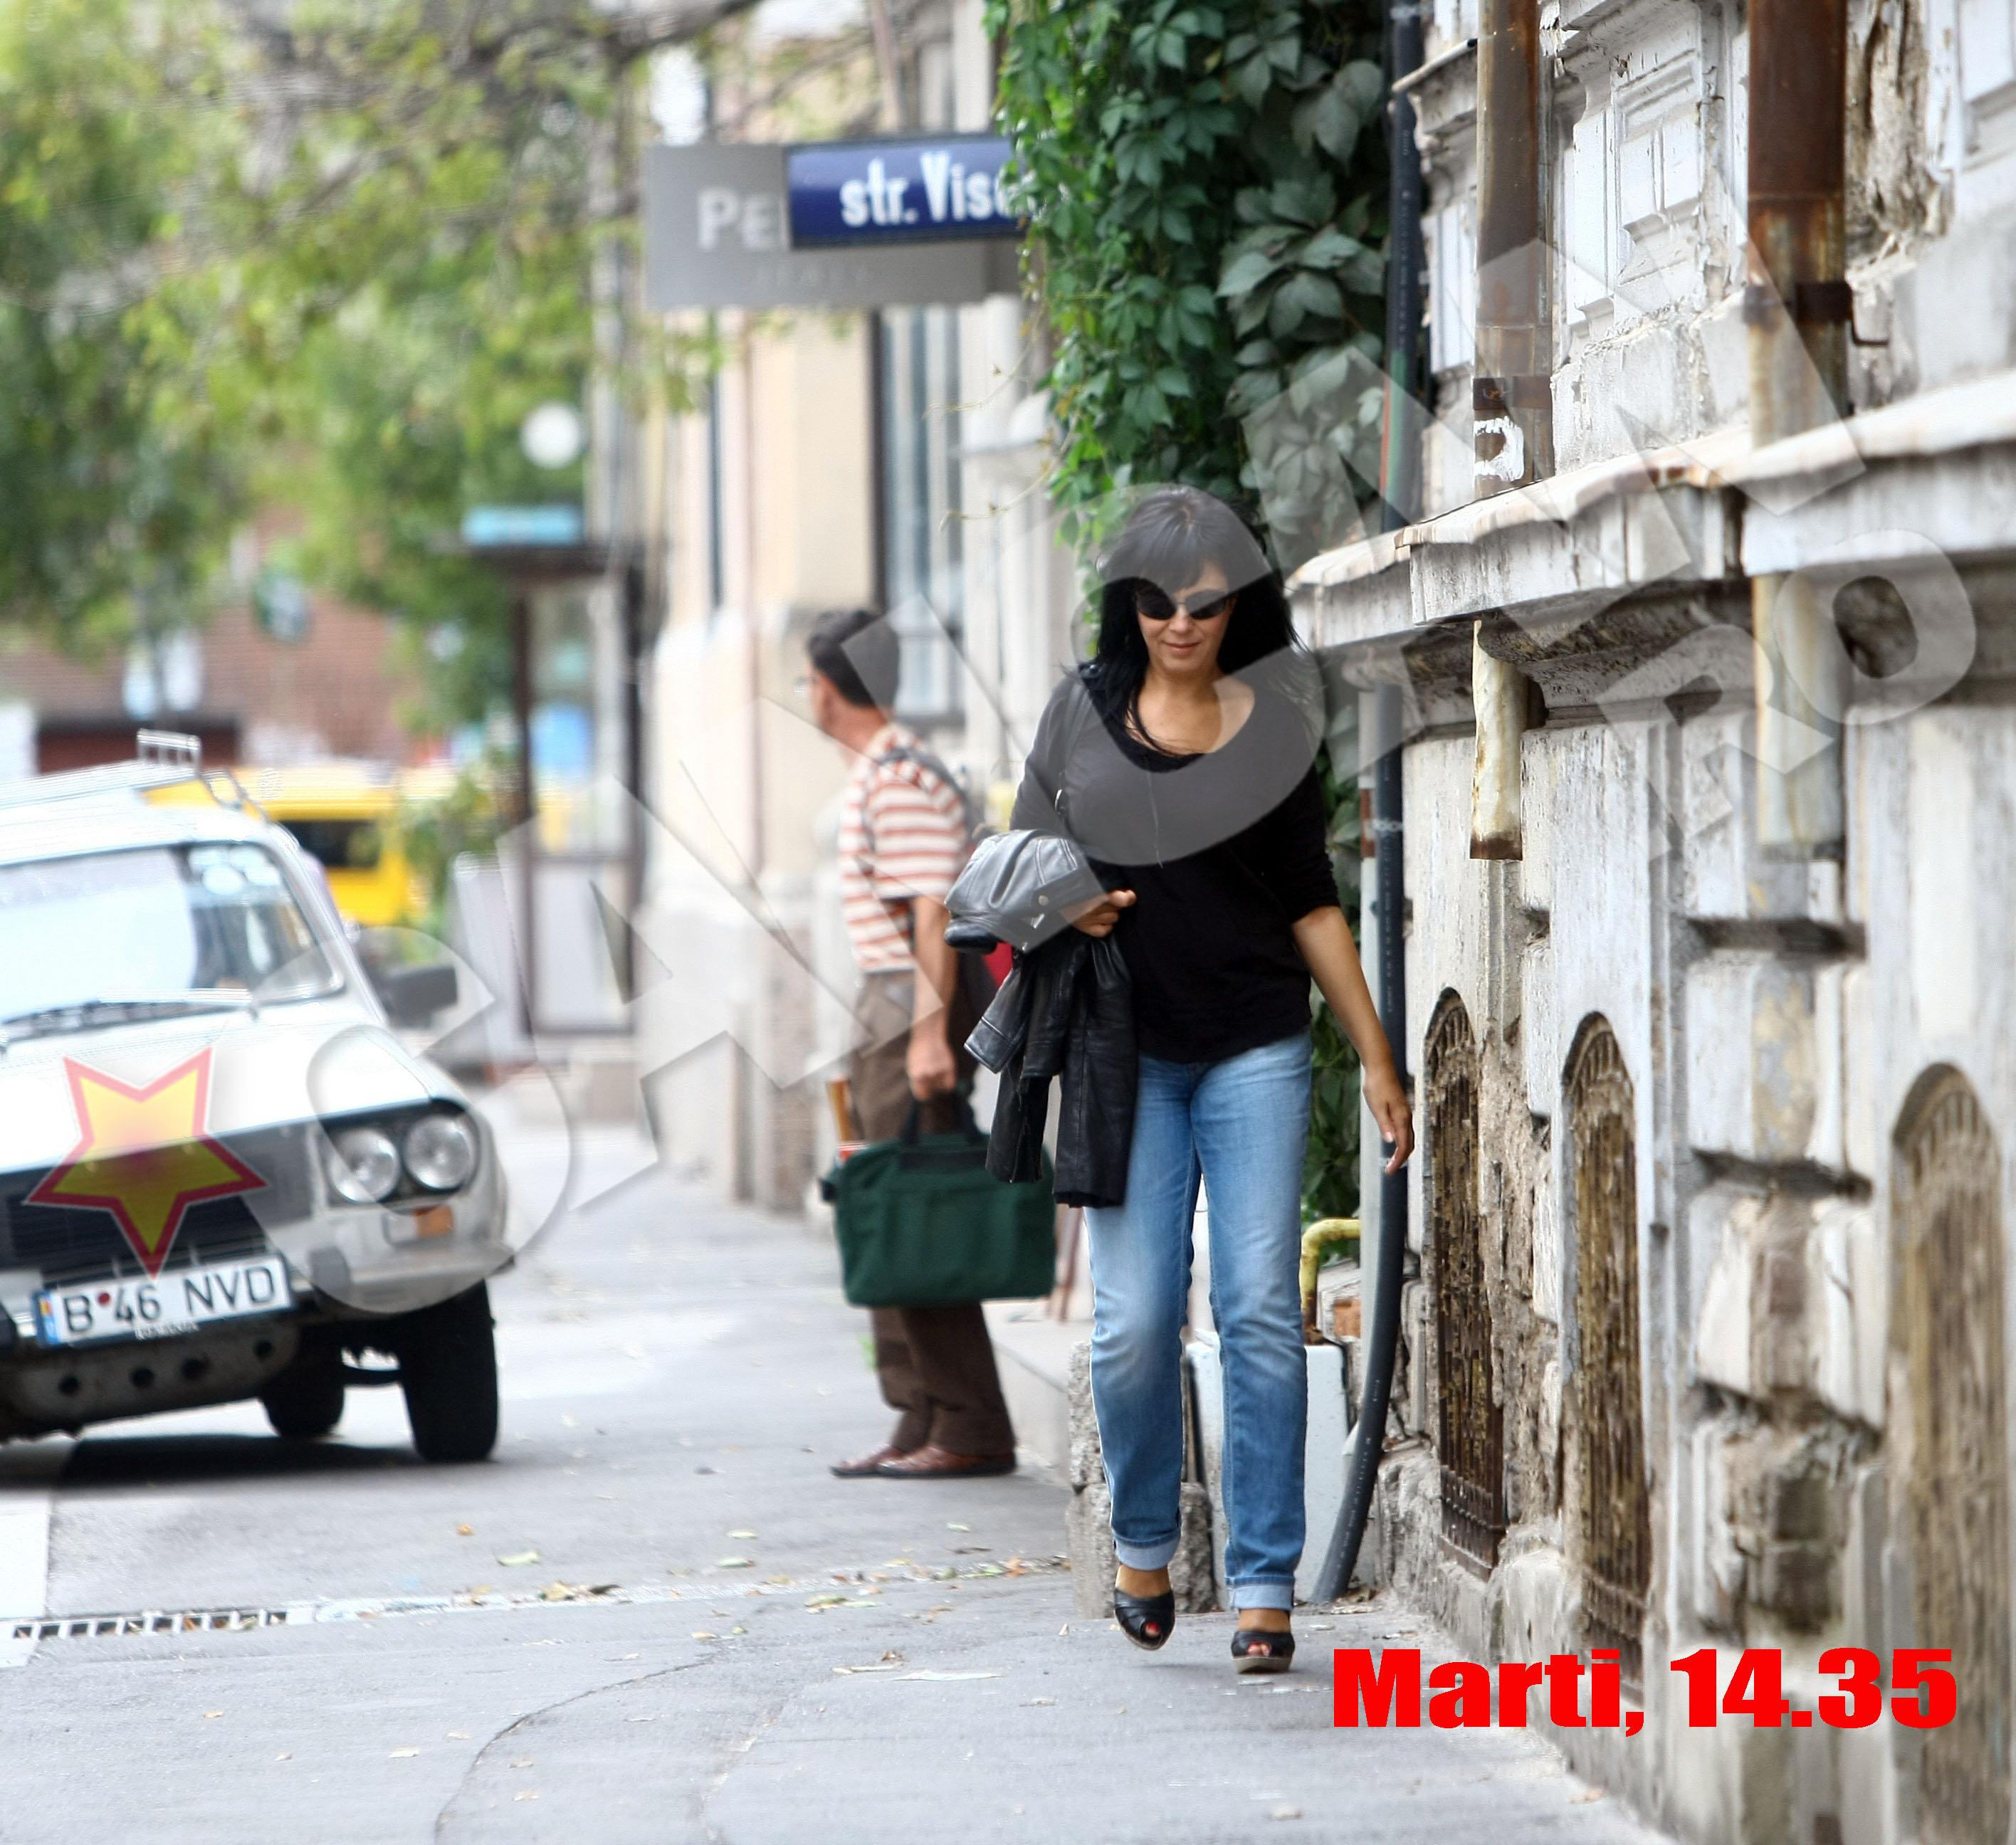 Mariana Moculescu a slabit 15 kilograme in ultima perioada, cu un regim special